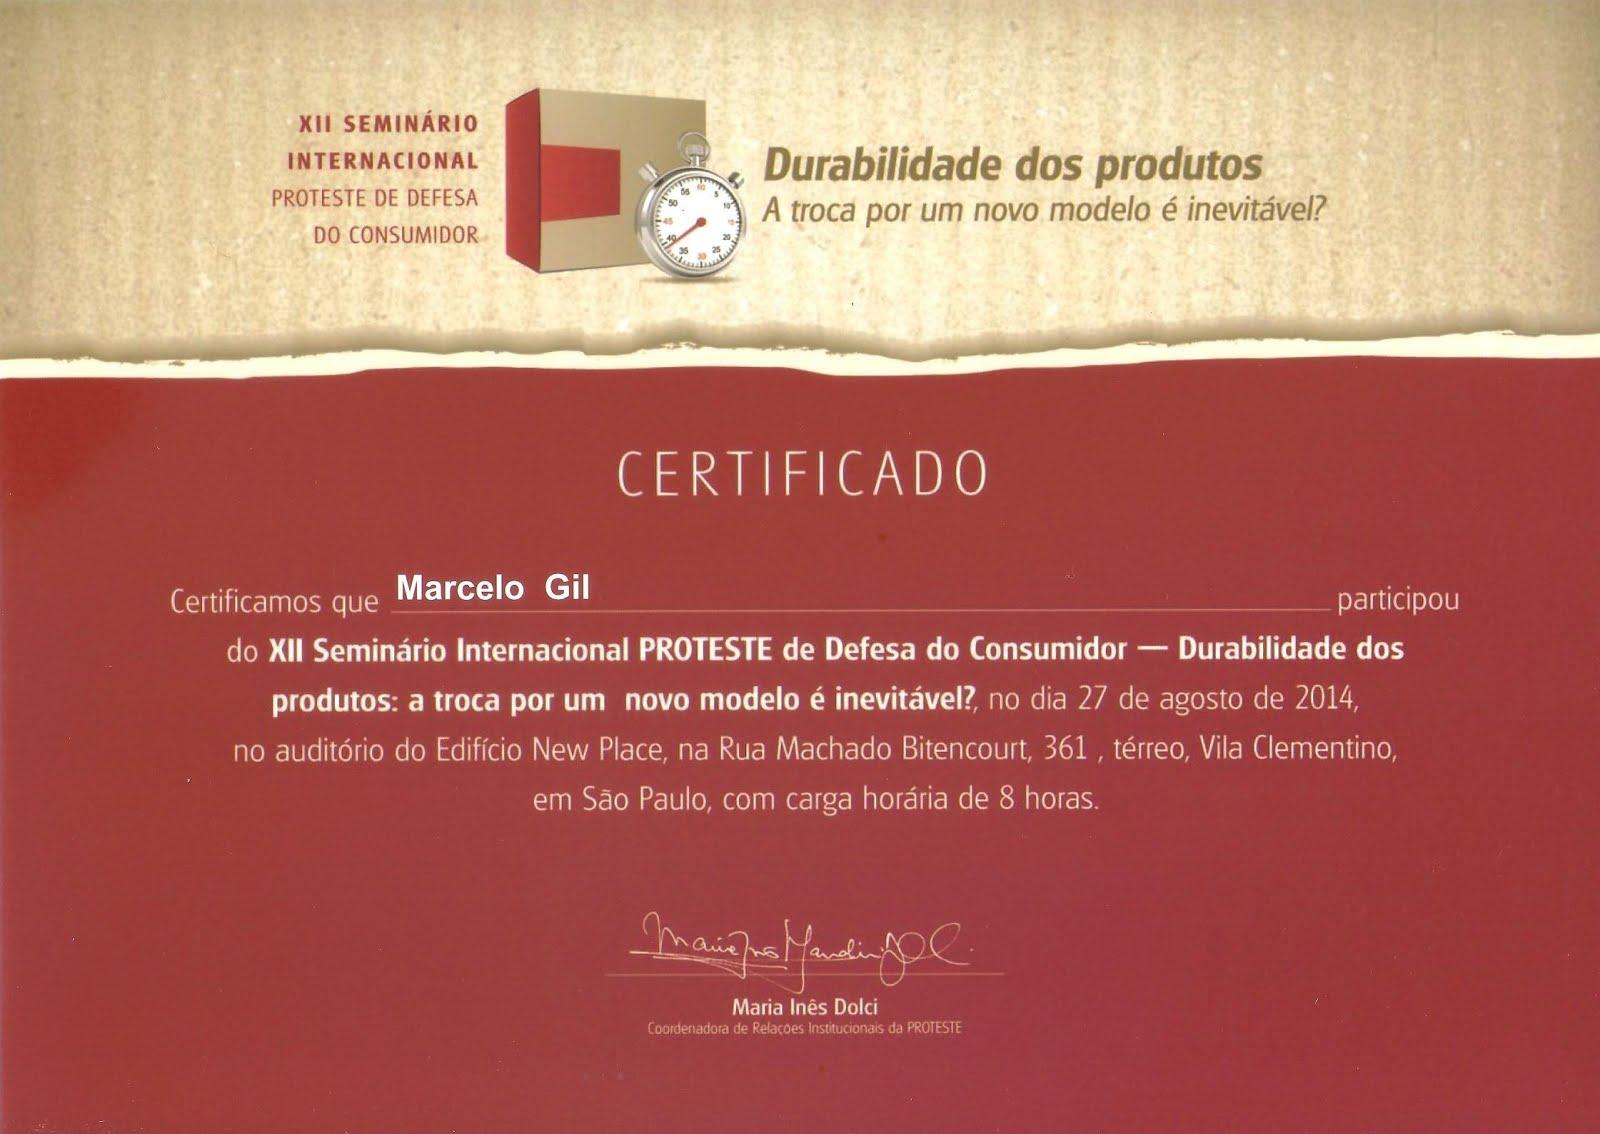 CERTIFICADO DE PARTICIPAÇÃO EM SEMINÁRIO DA ASSOCIAÇÃO BRASILEIRA DE DEFESA DO CONSUMIDOR / 2014